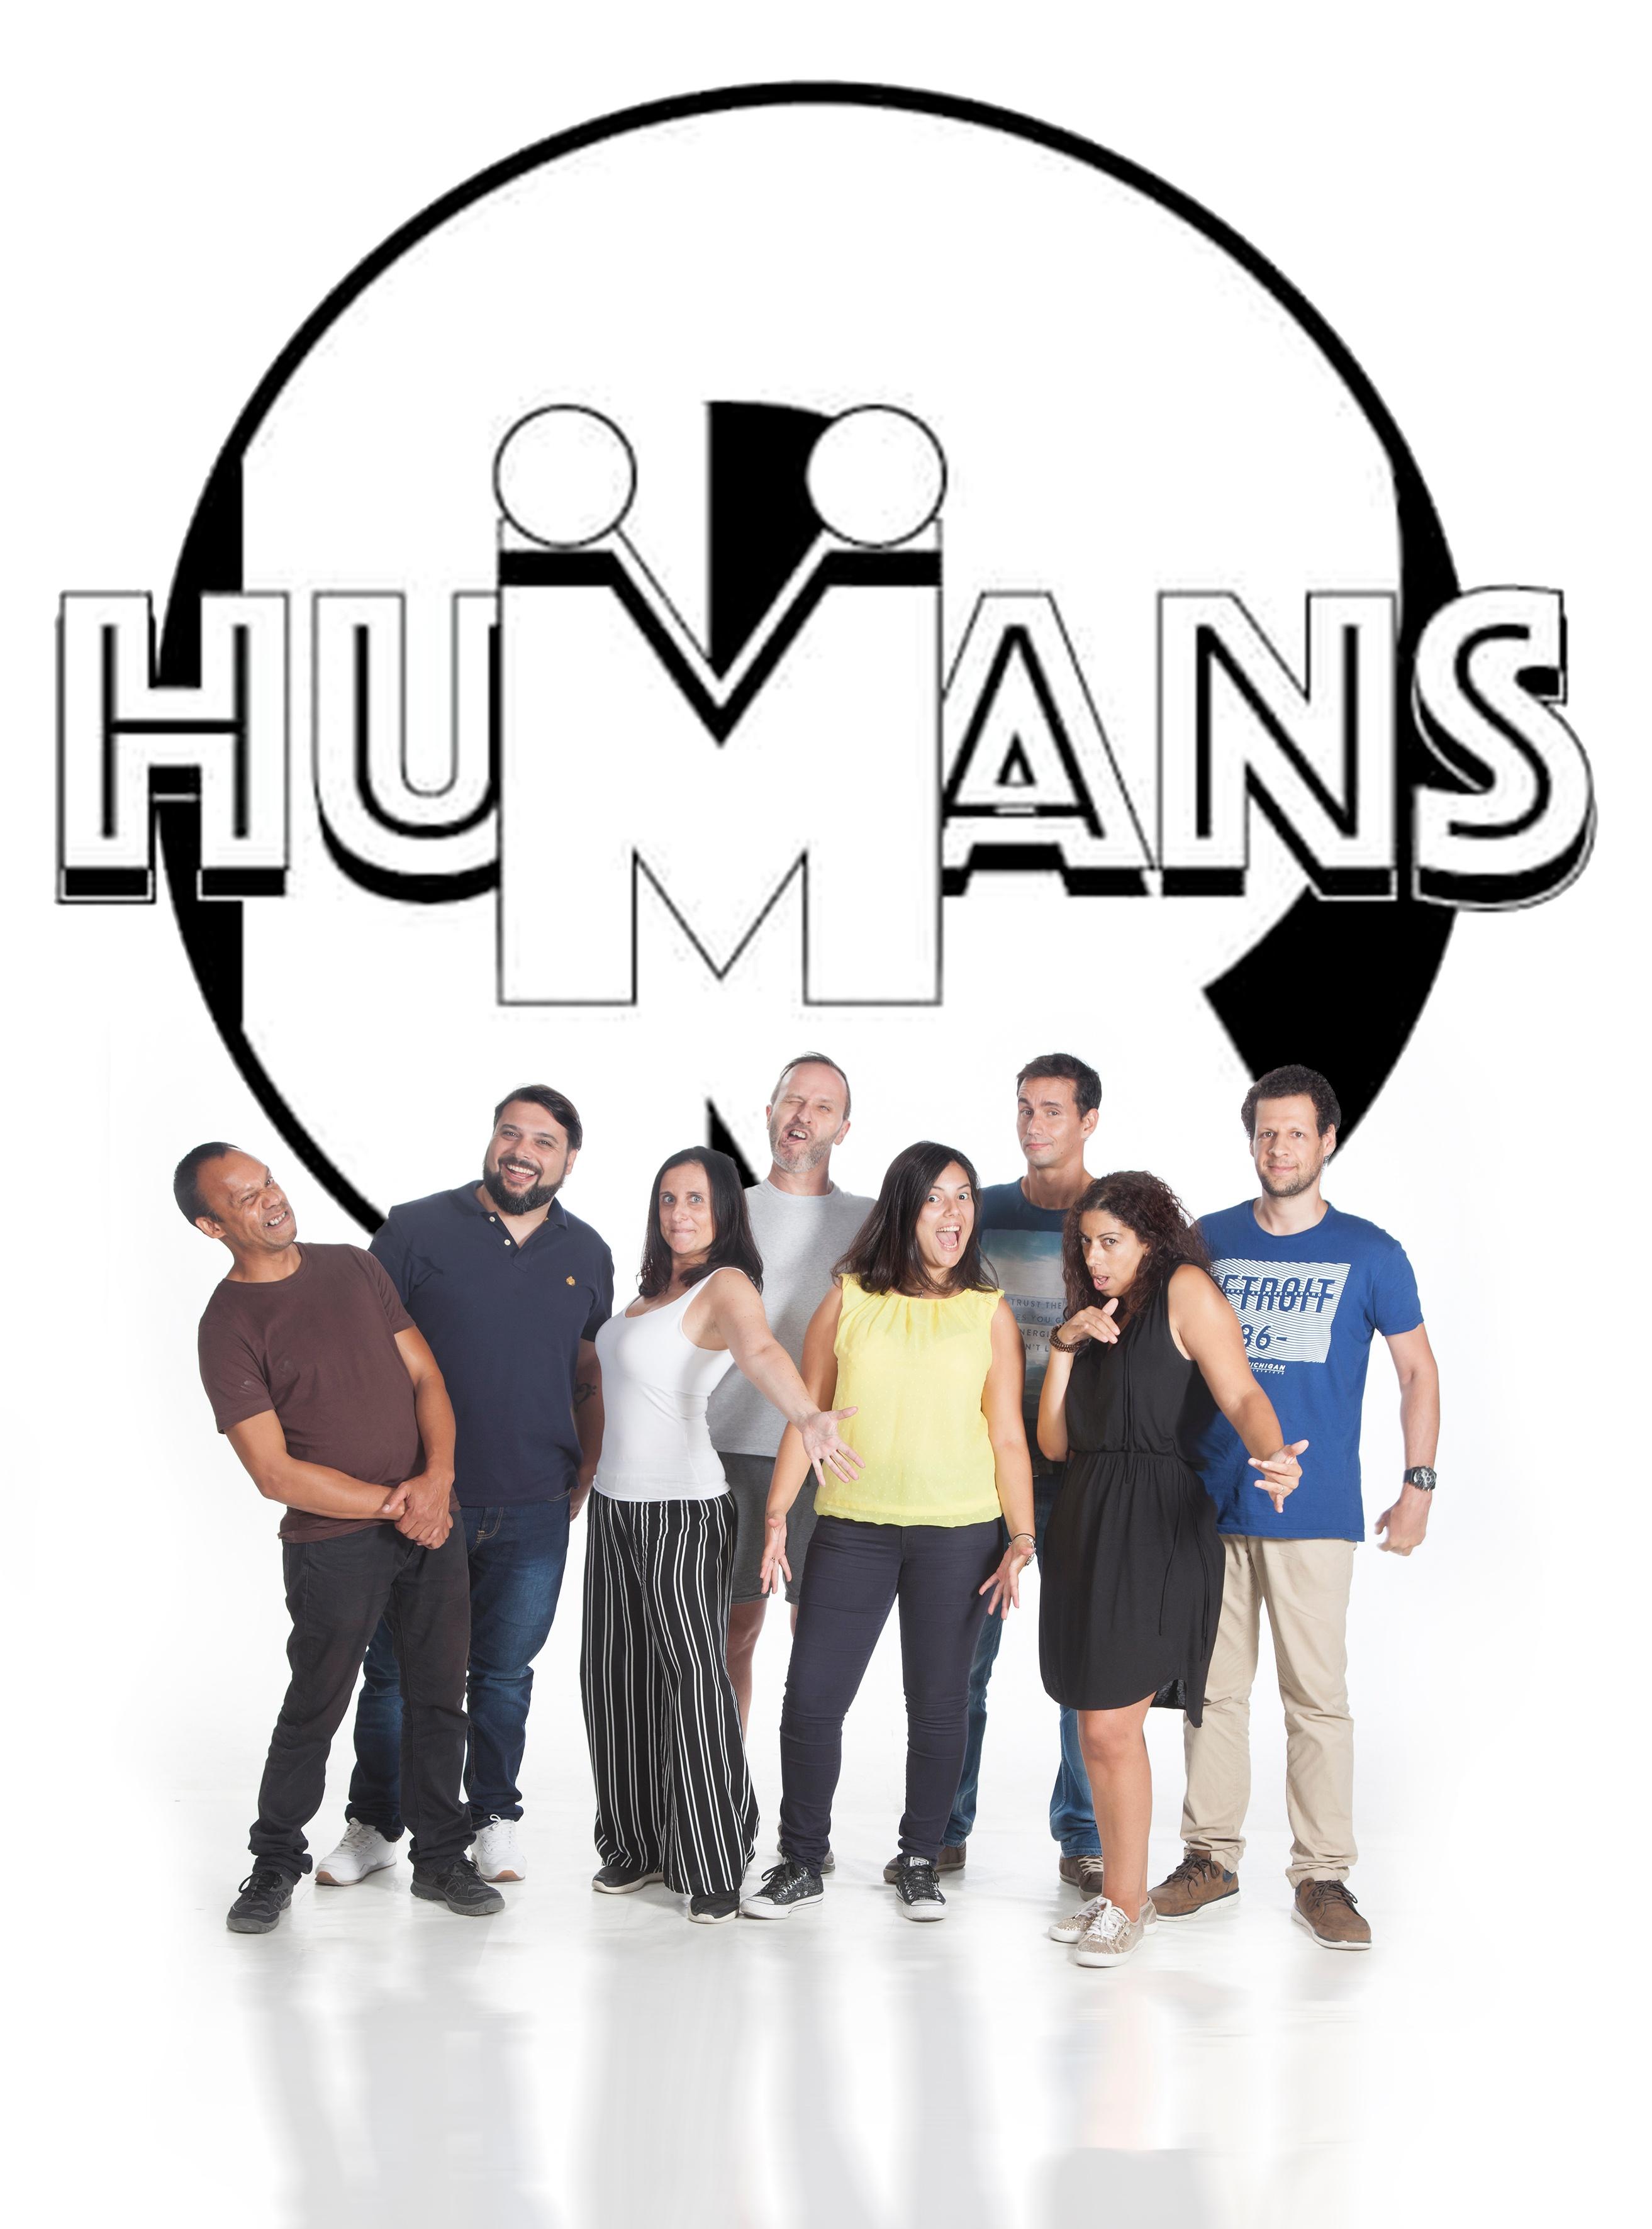 foto banda RHmais HumansR.jpg